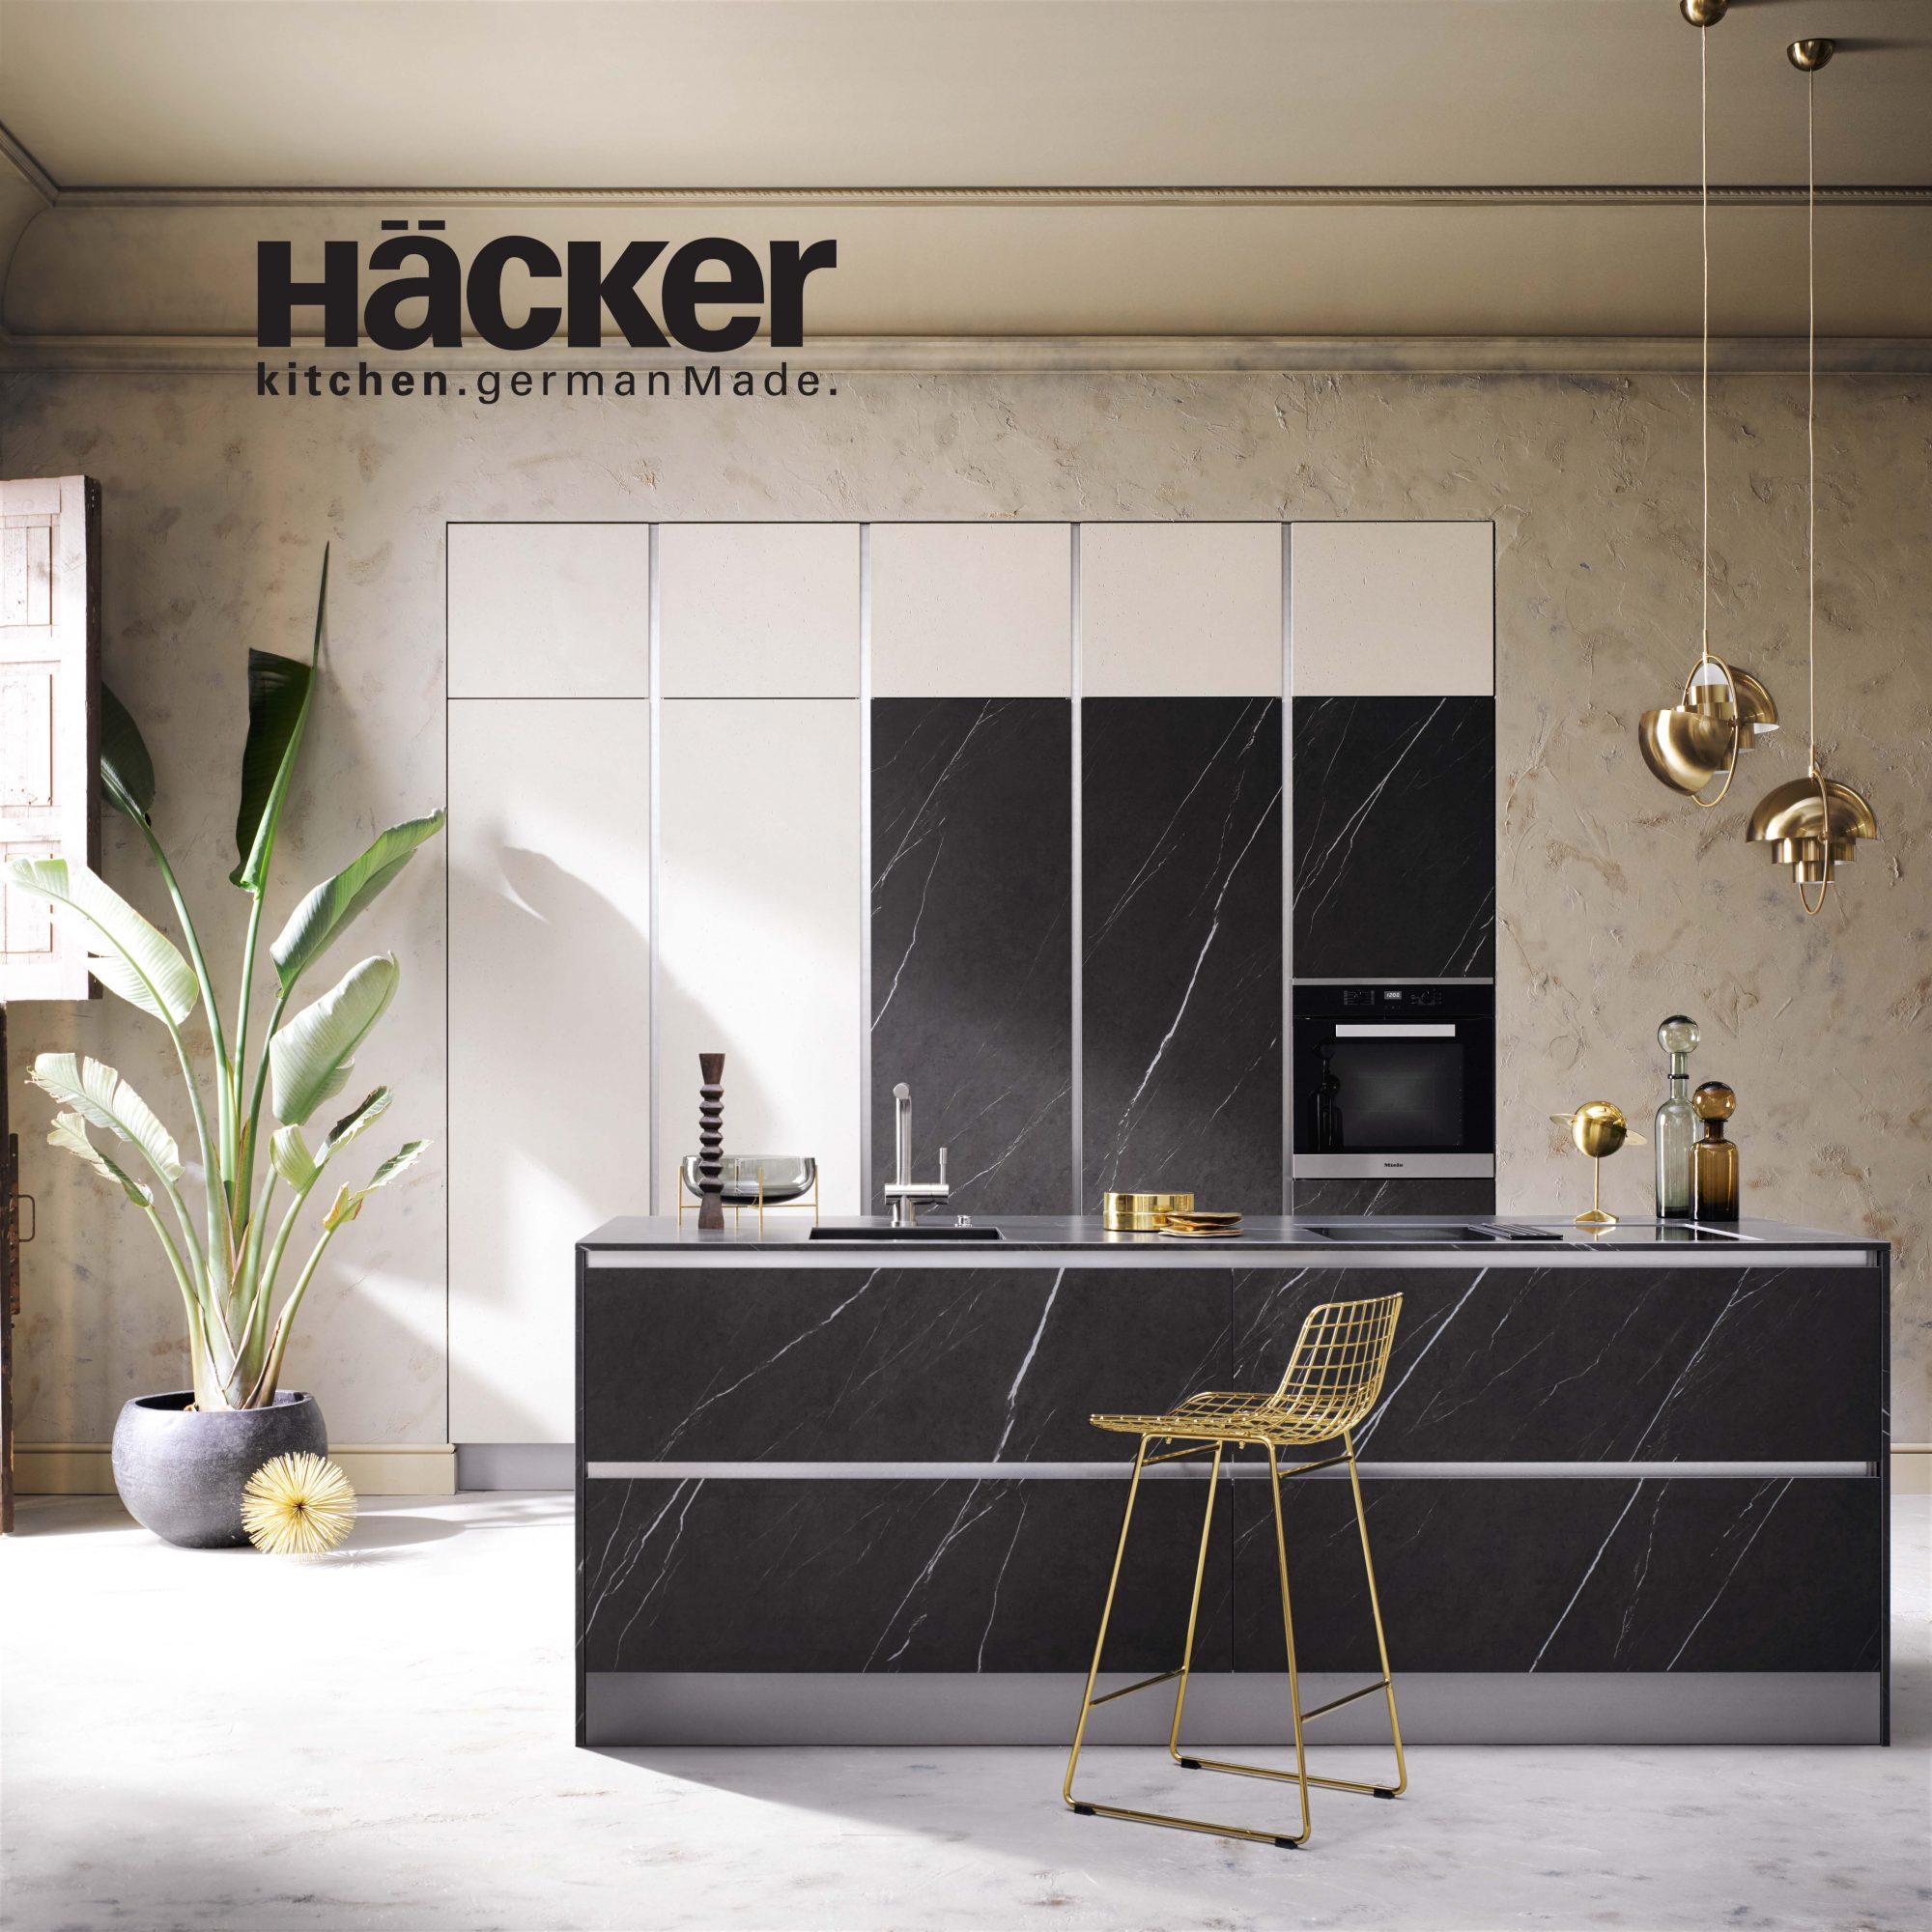 HÄCKER – moderné nemecké kuchyne, spĺňajúce najvyššie nároky na kvalitu, funkčnosť, trvanlivosť a dizajn